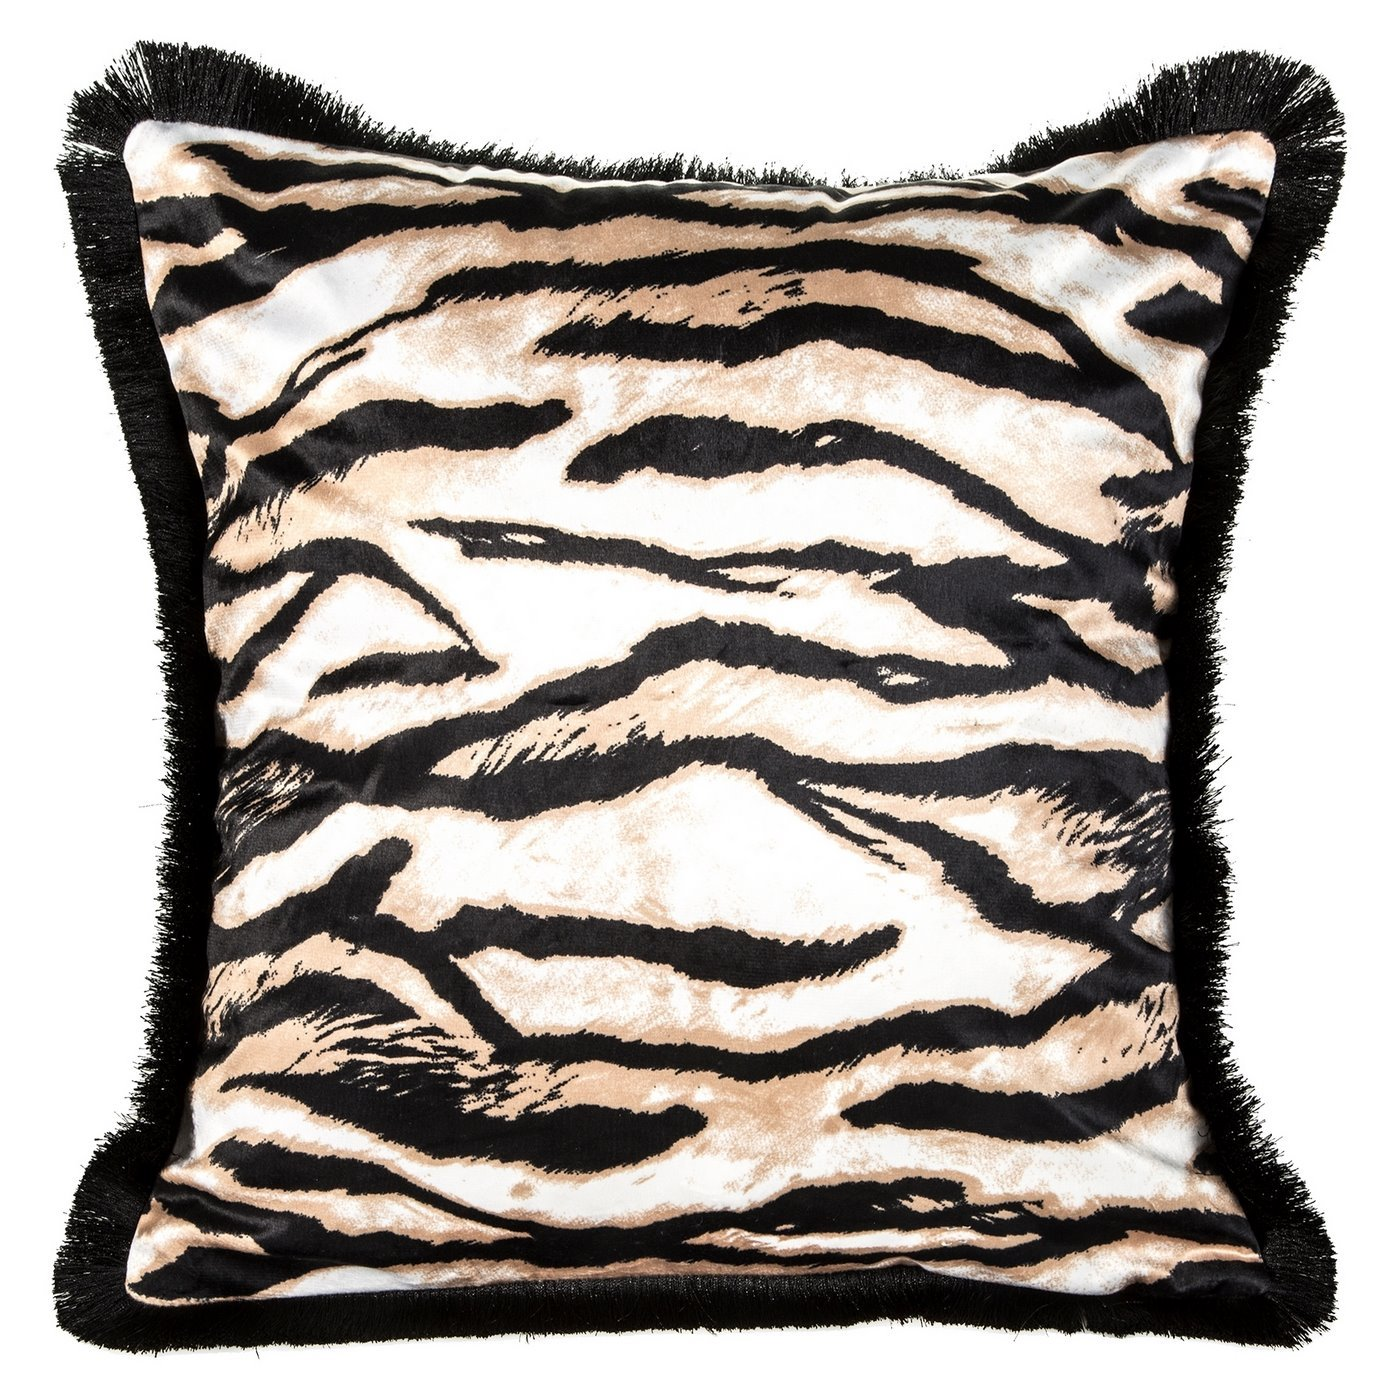 Tygrysie paski poszewka ozdobna - mój wybór Eva Minge 45x45 cm